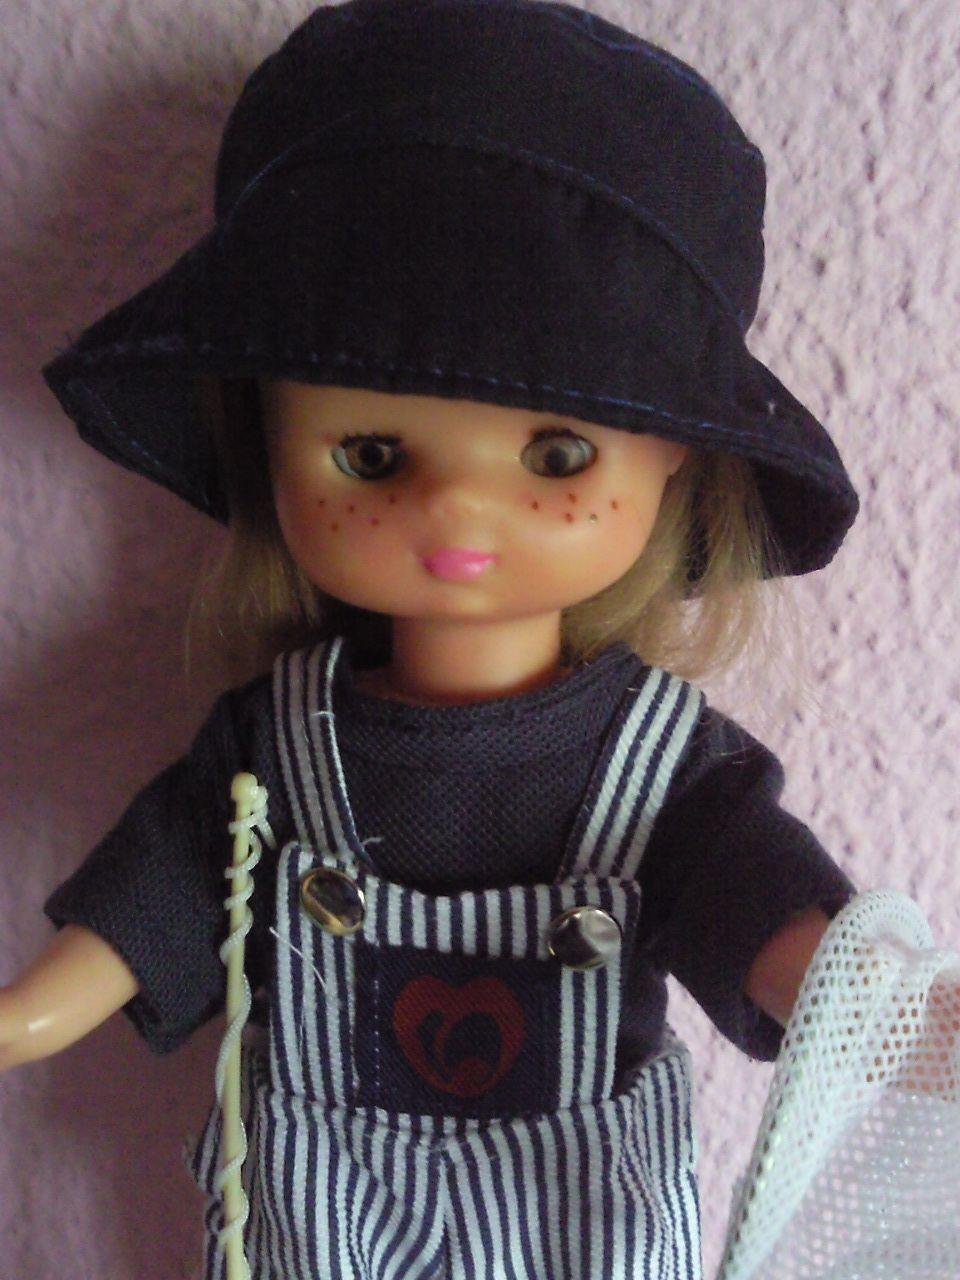 Casualmente en una jugueteria me encontre con unos blister de esta muñeca, las camisetas son validas para nancy y lucas, los pantalones tamb...